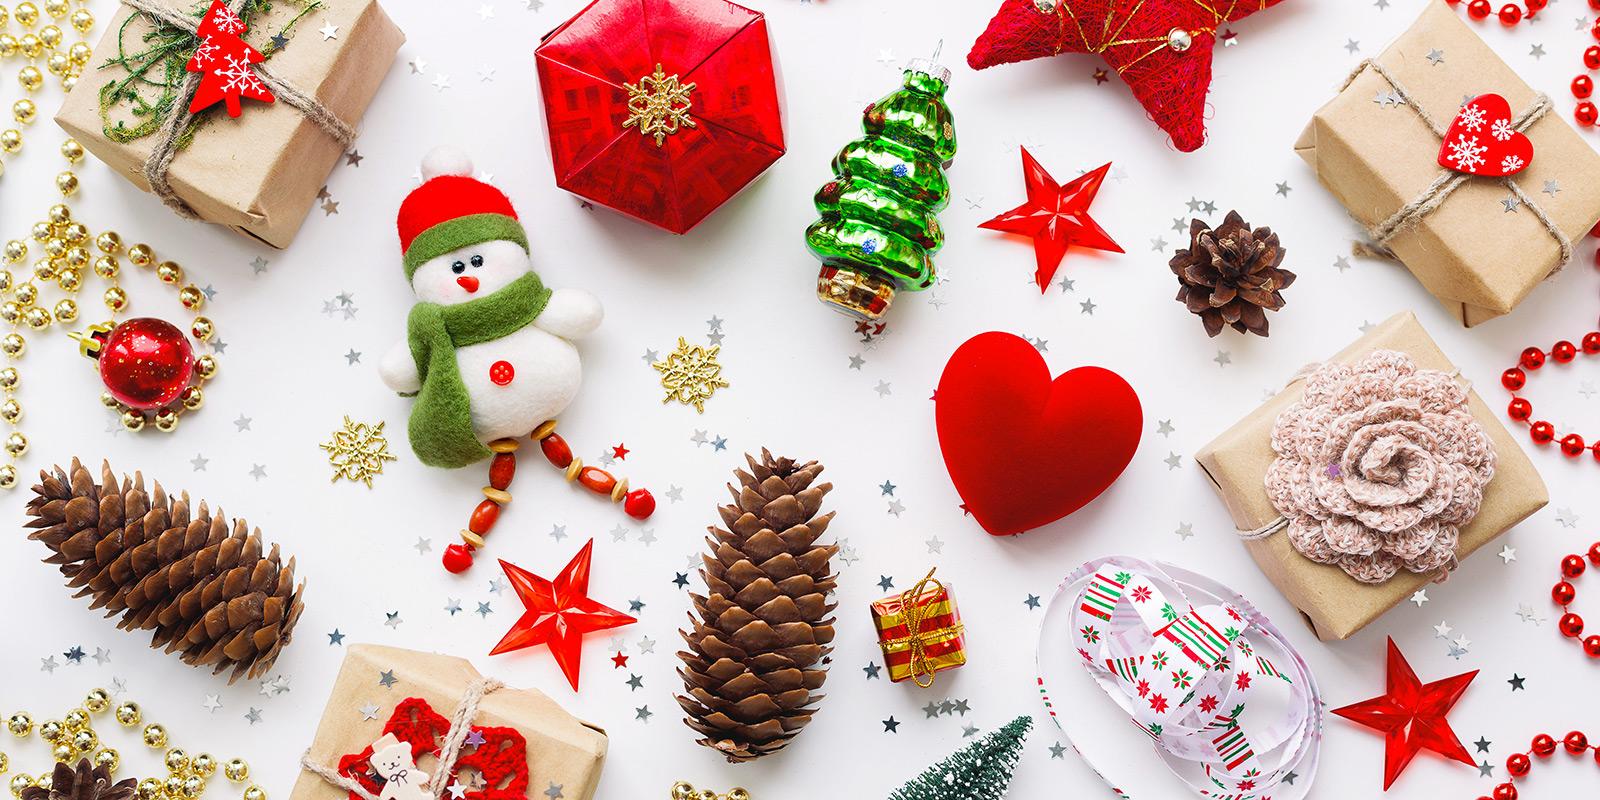 Vánoce letos vyjdou na úterý. Od kdy mají děti prázdniny a do kdy mají obchody otevřeno?